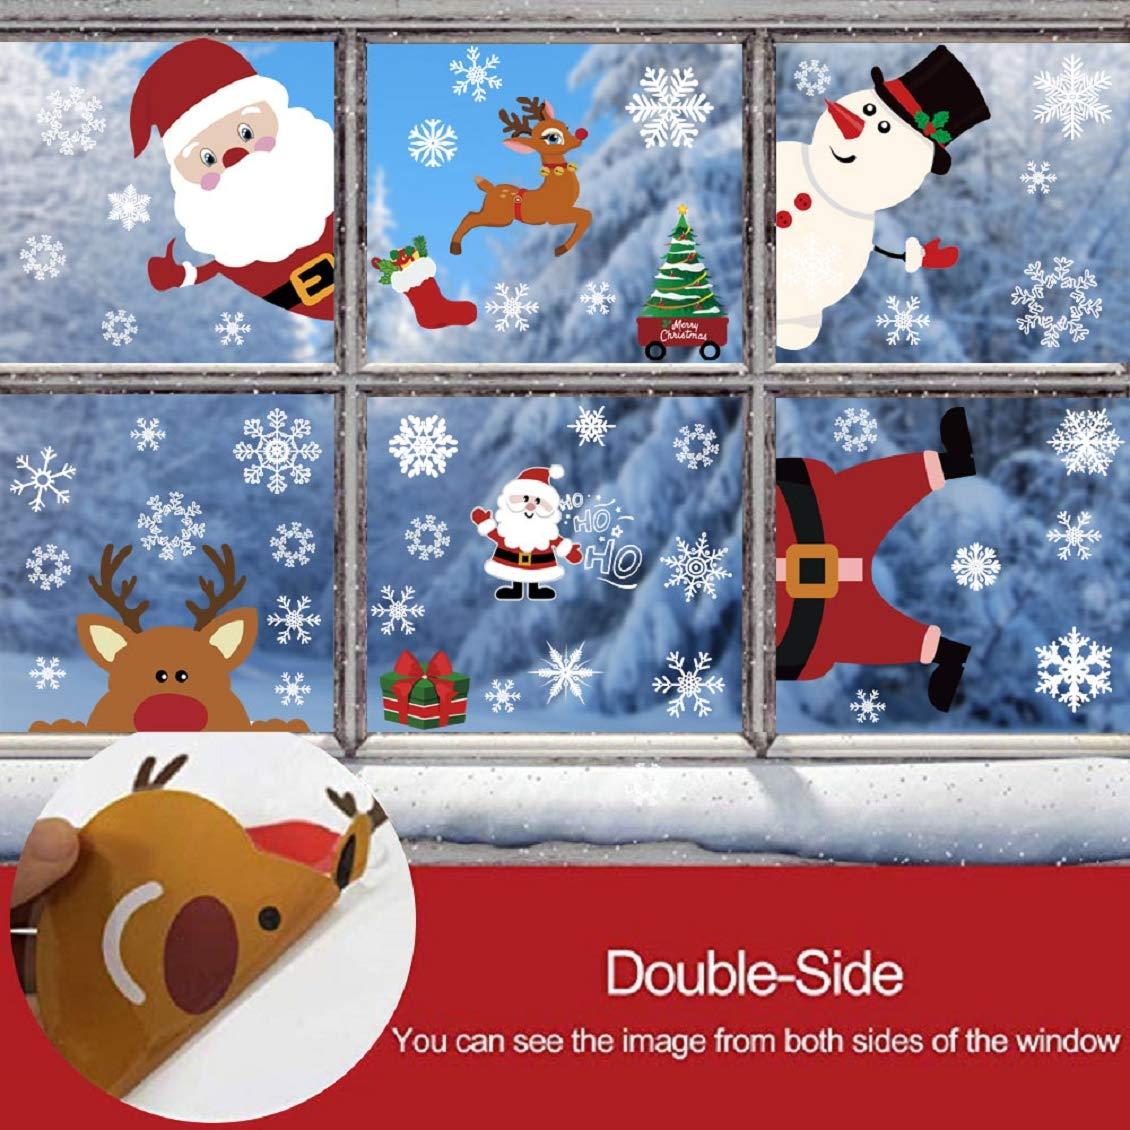 UMIPUBO Natale Adesivi Vetrofanie Adesivo Doppia Faccia Babbo Natale Pupazzo di Neve PVC Rimovibile Adesivi Finestra Fai da Te Vetrina Stickers da Vetro Decorazione